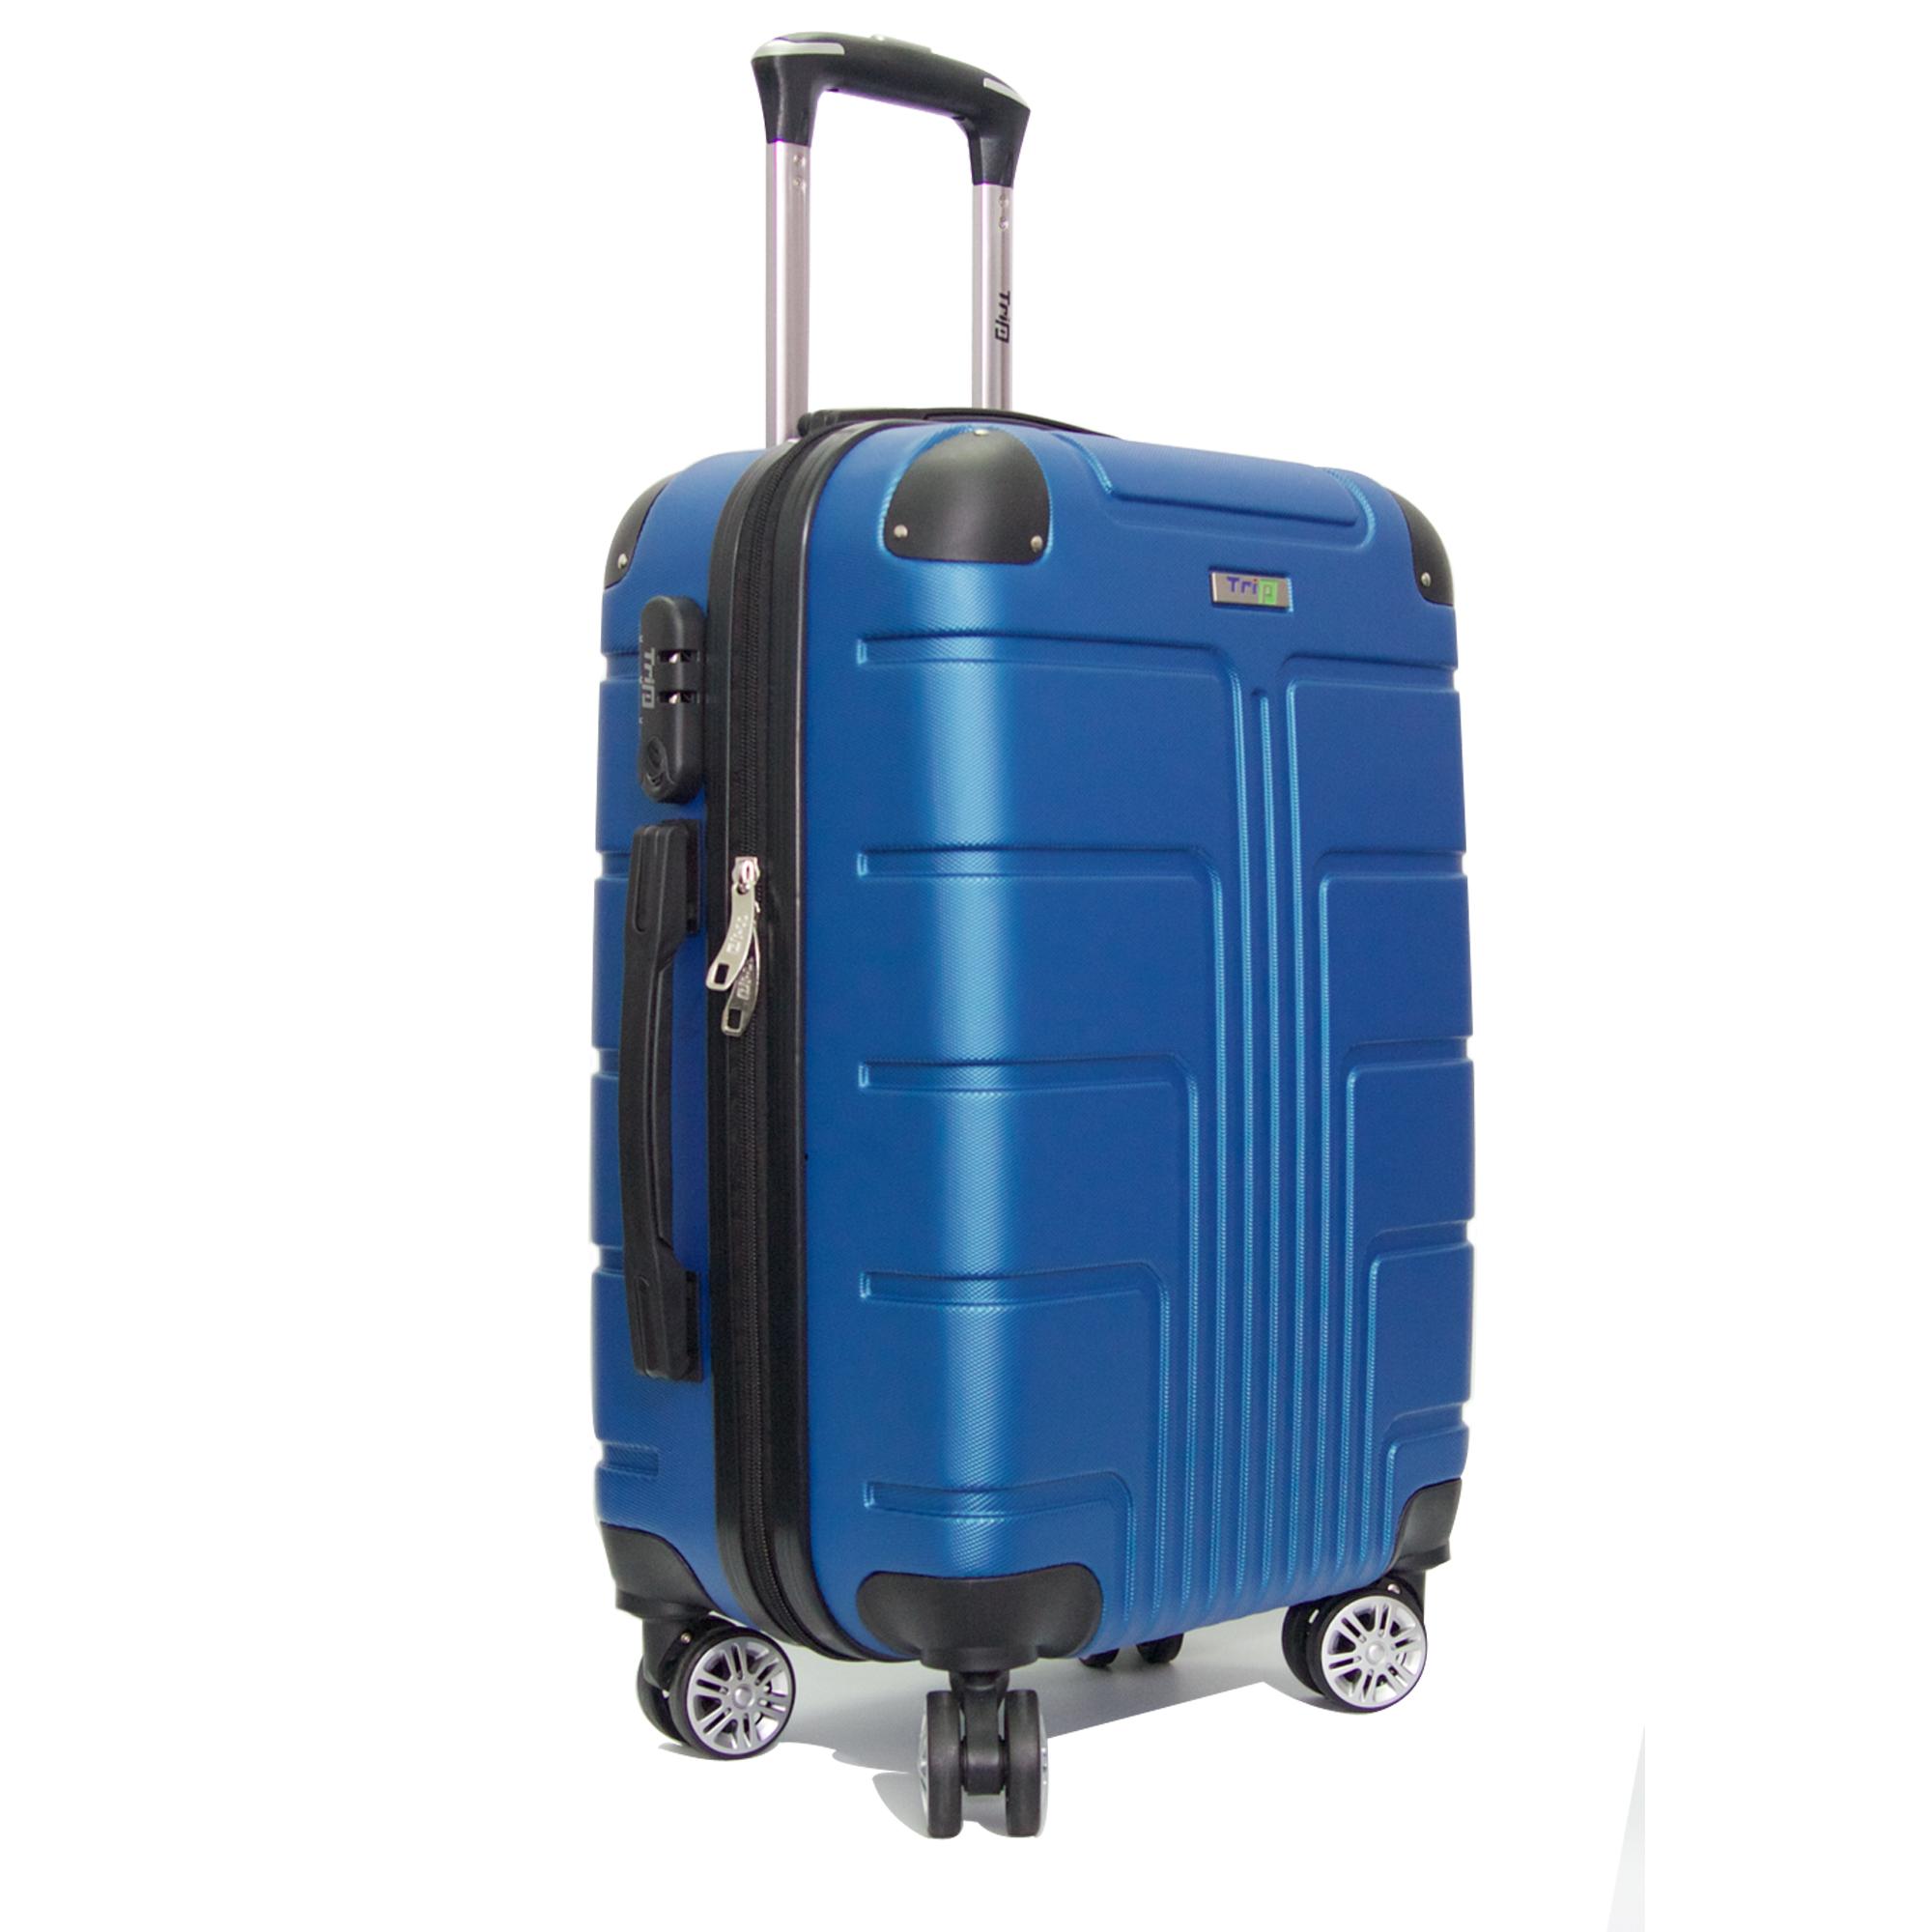 Set 2 vali Trip P701 (50cm + 60cm) xanh dương